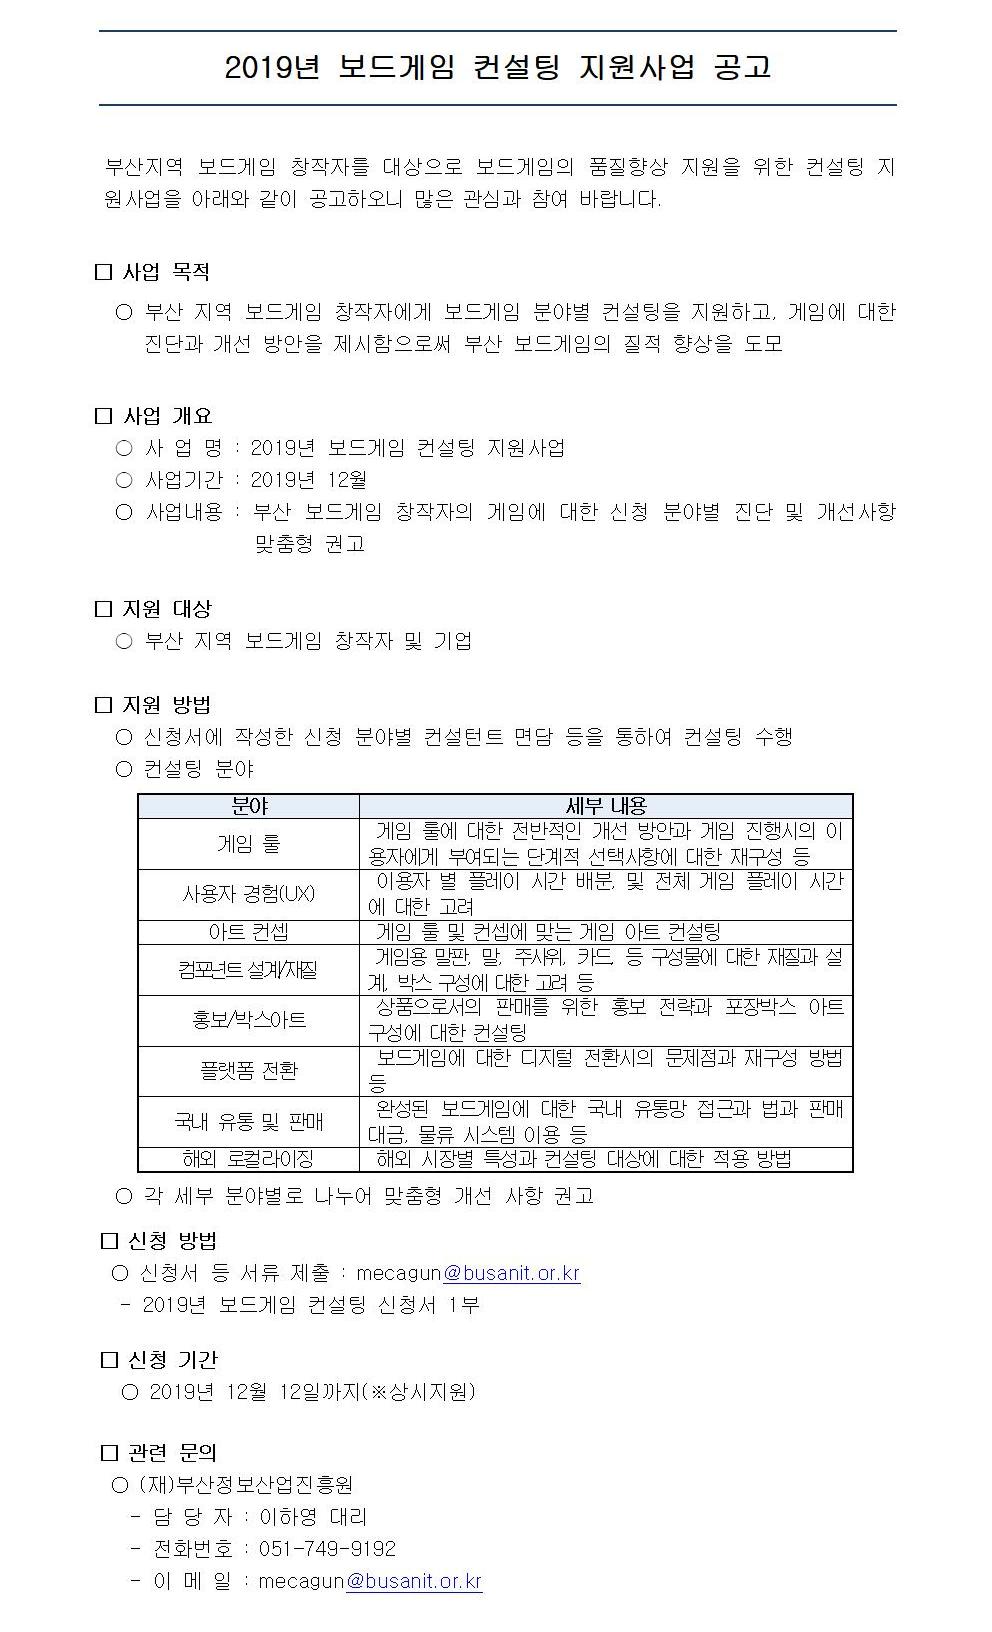 부산 보드게임 창작자 컨설팅 지원사업